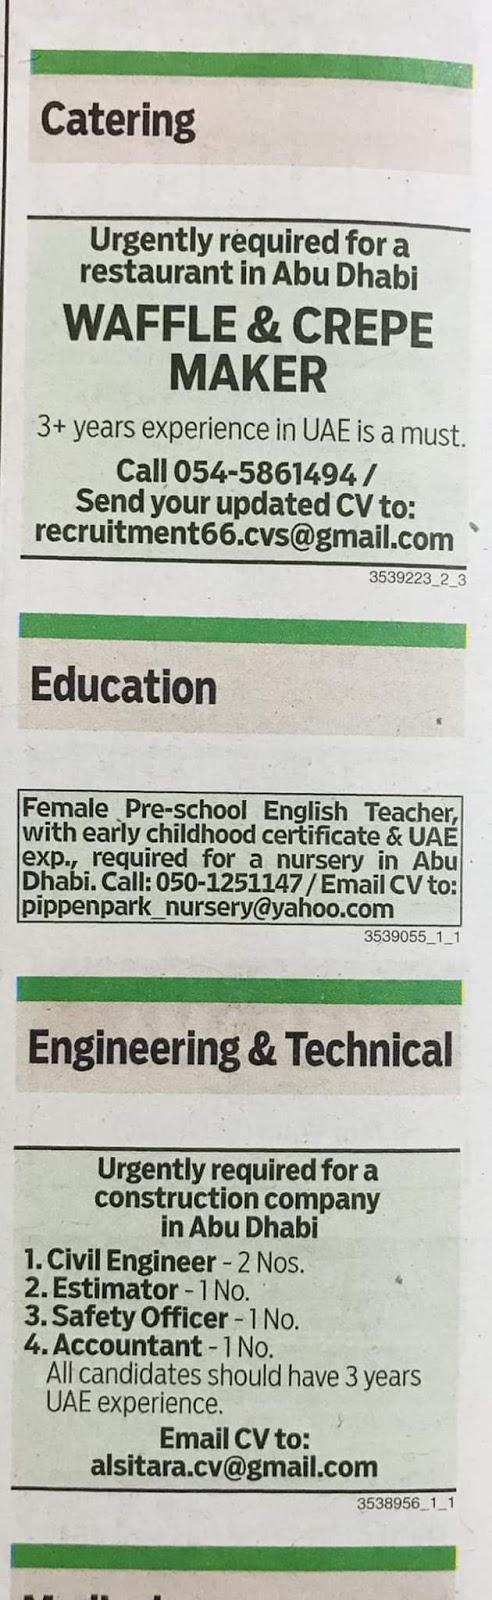 Required for Dubai Local Hiring Jobs Khaleej Times-UAE-0311924- Jobs